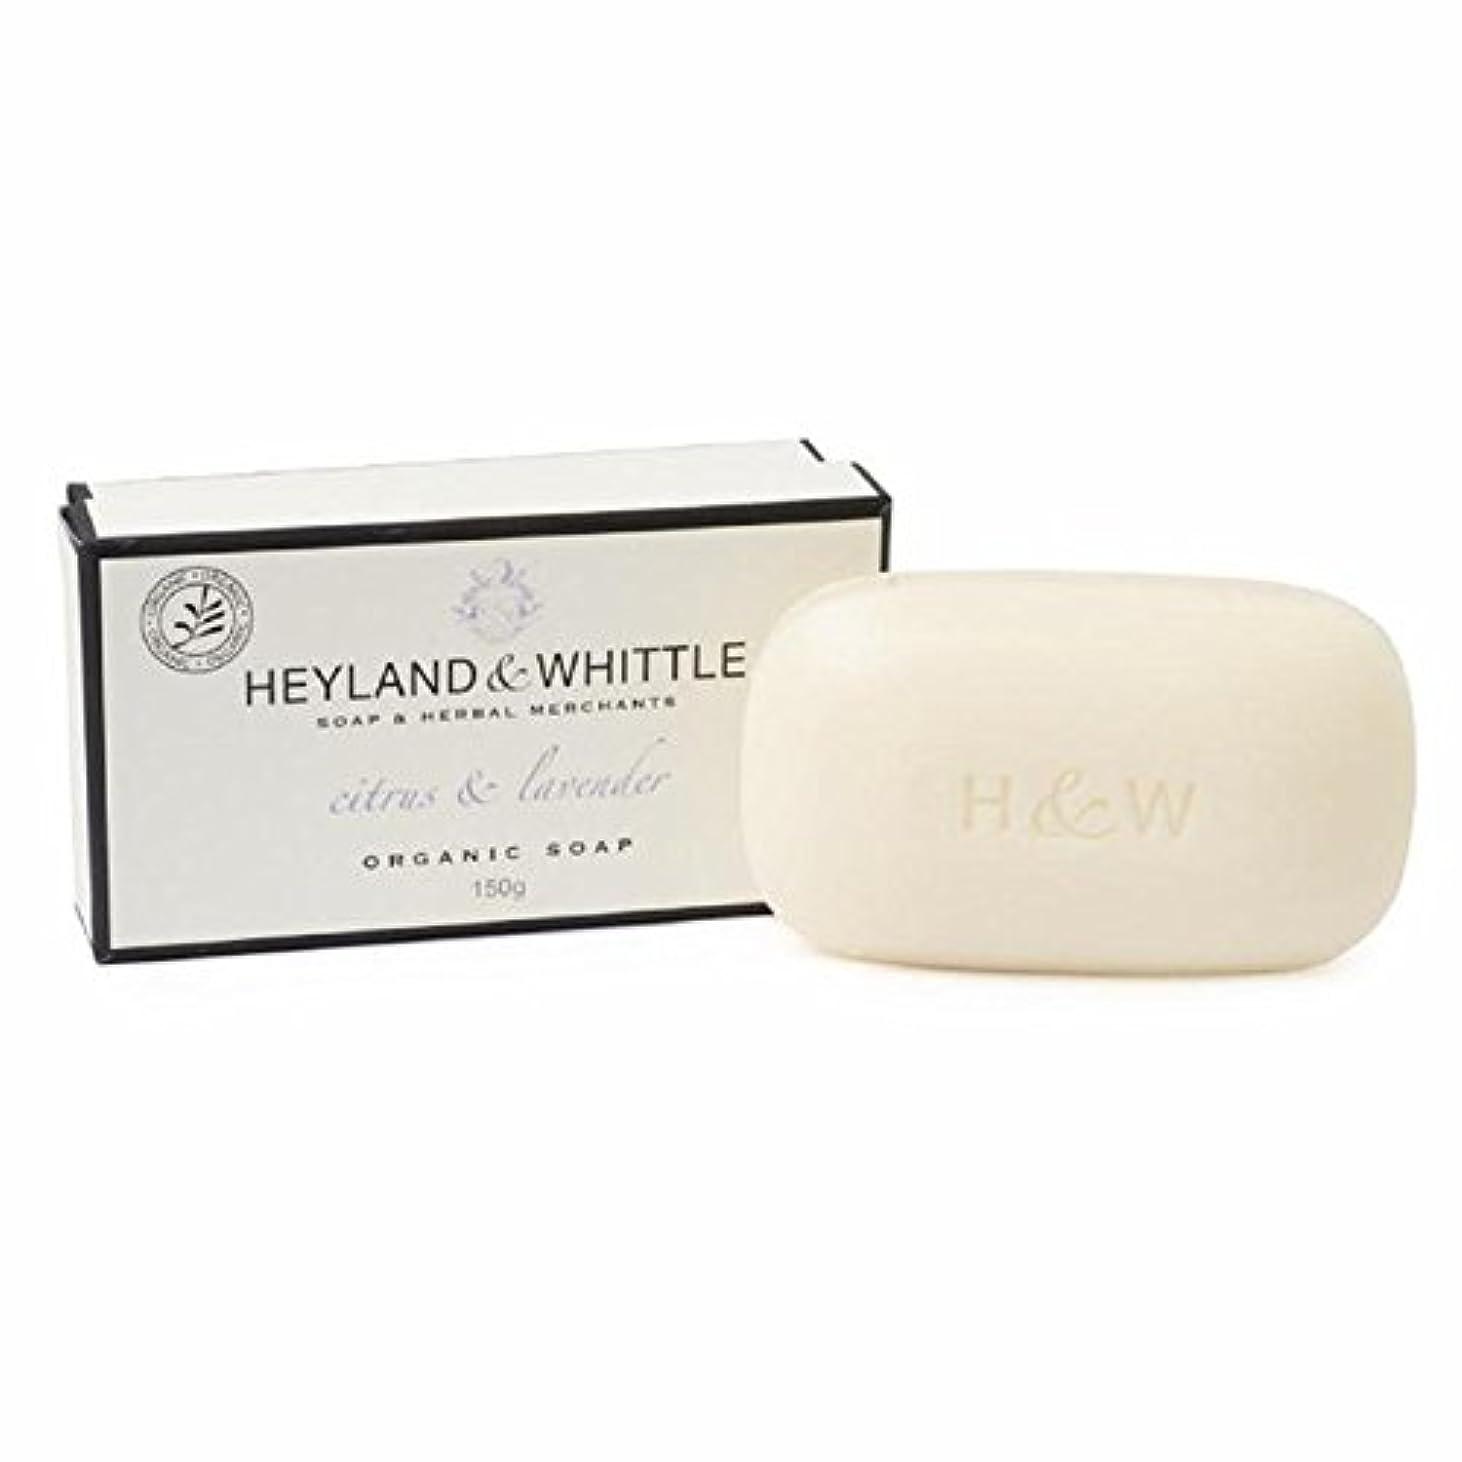 以上考慮特徴Heyland & Whittle Citrus & Lavender Boxed Organic Soap 150g - &削るシトラス&ラベンダーは、有機石鹸150グラム箱入り [並行輸入品]